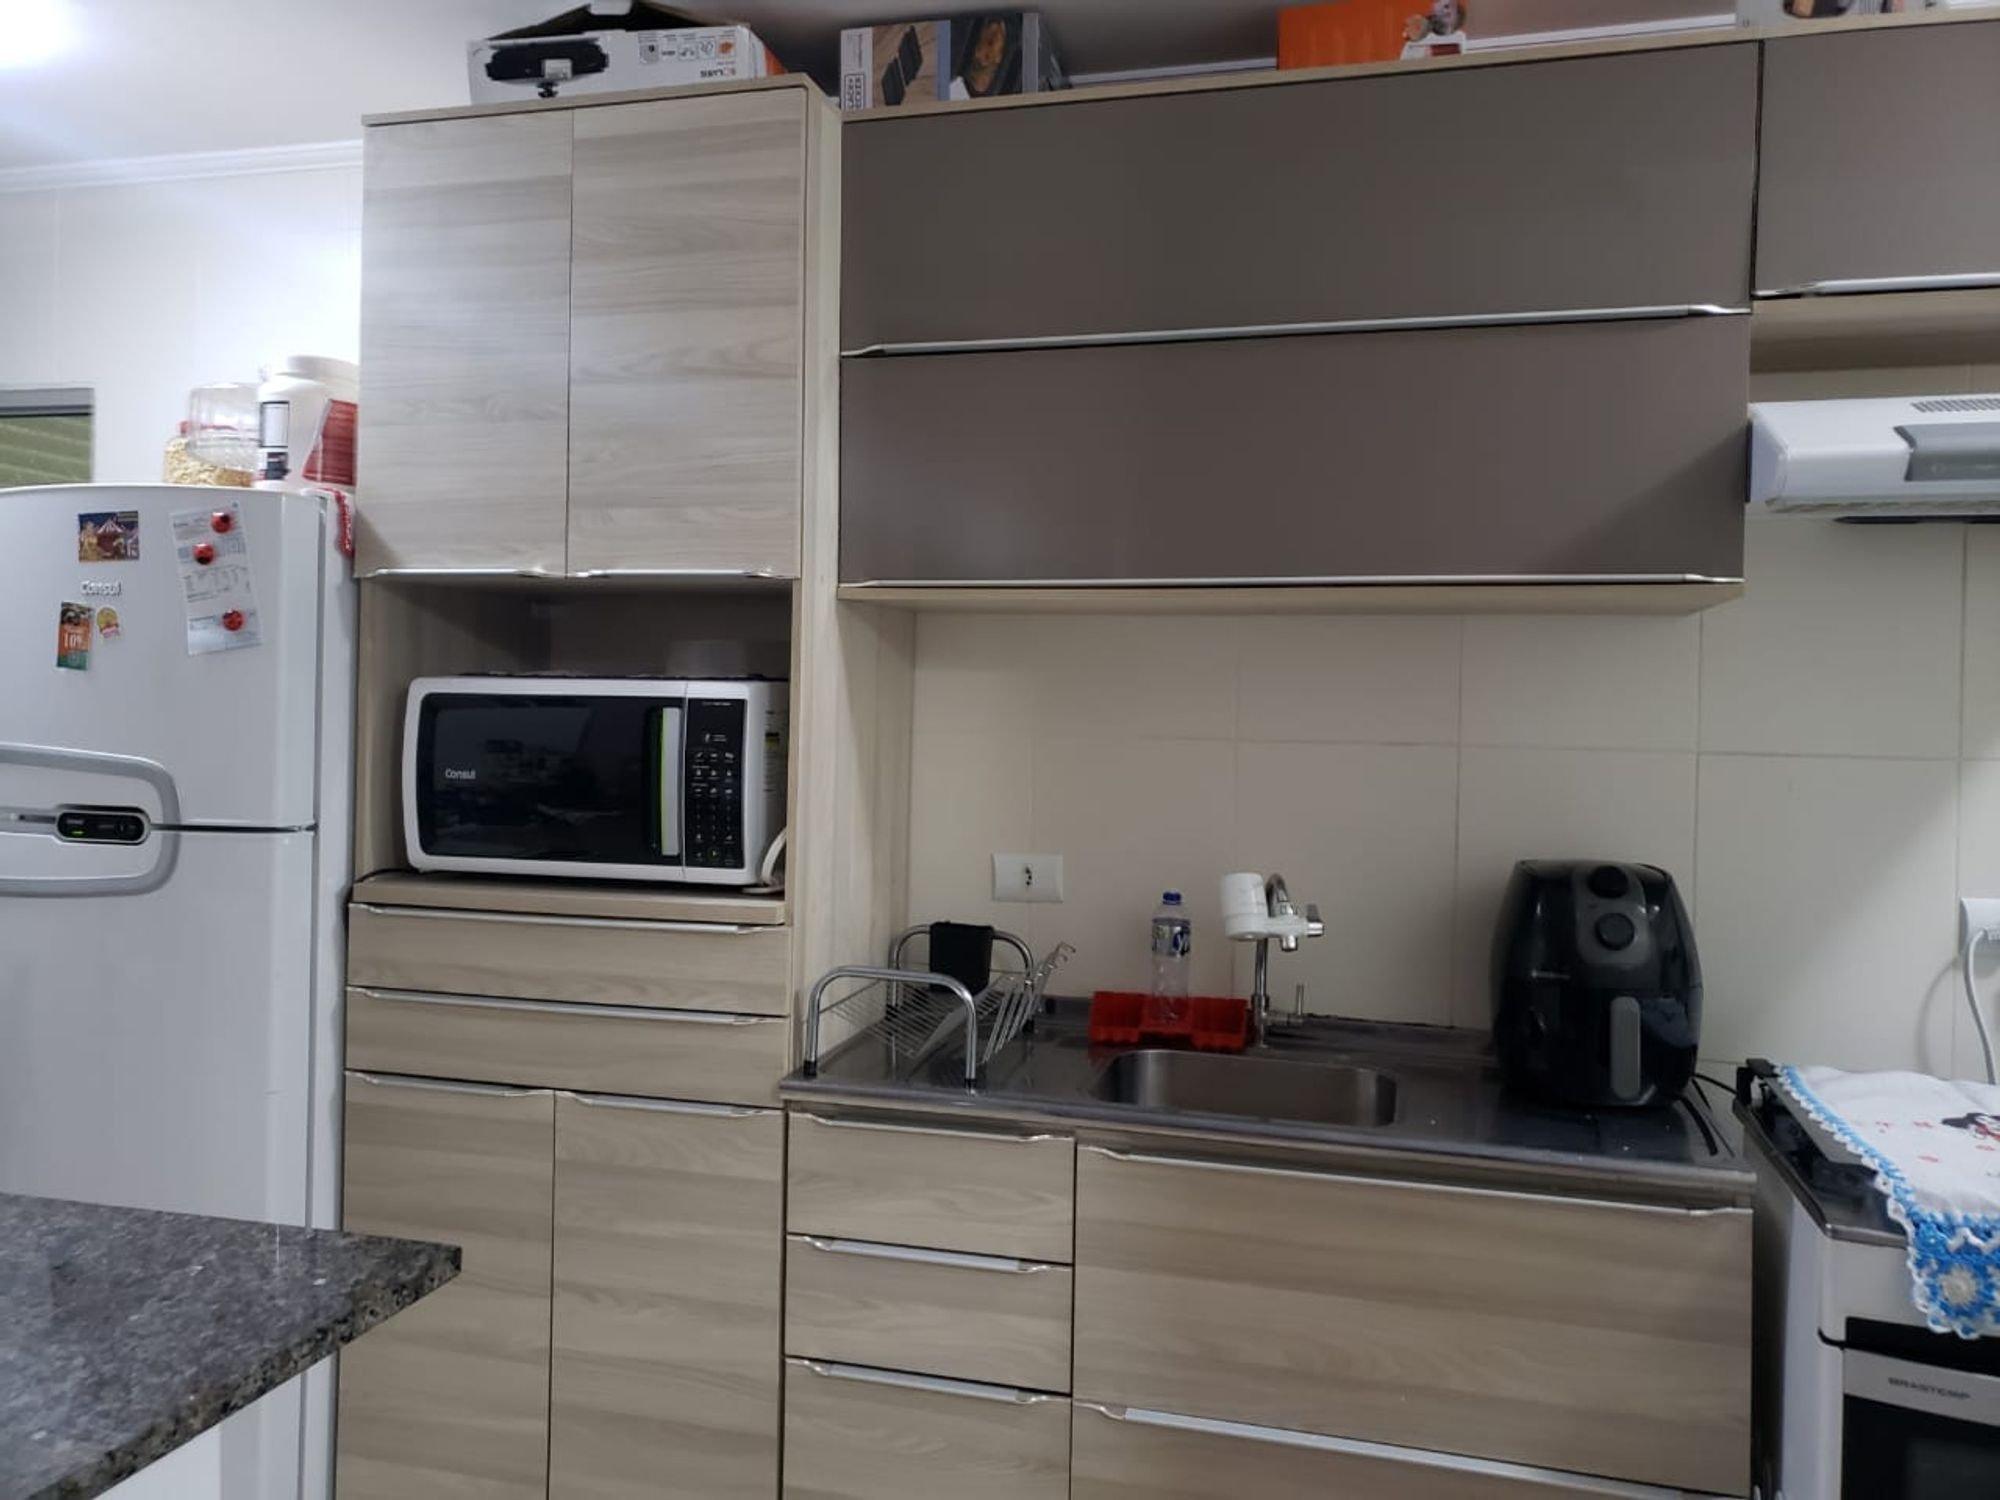 Foto de Cozinha com garrafa, geladeira, microondas, mesa de jantar